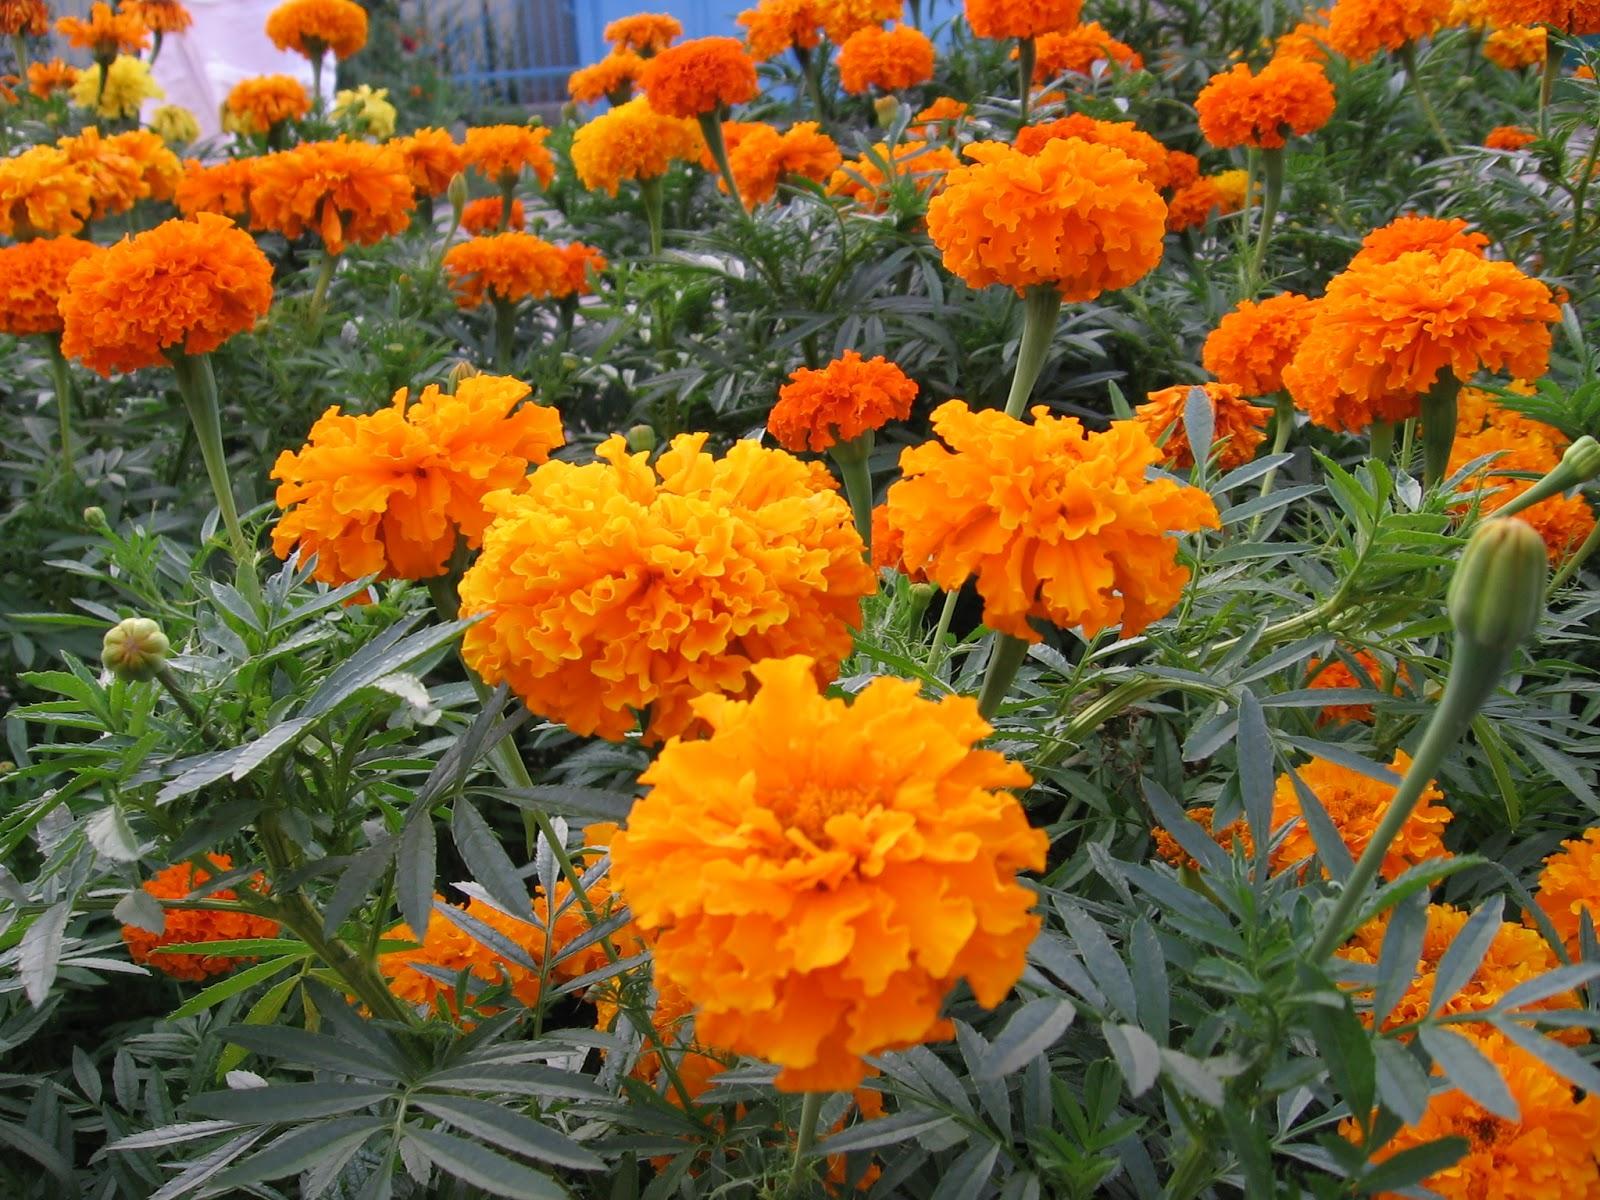 Kỹ thuật trồng hoa cúc vạn thọ và cách chăm sóc cho hoa nở đúng dịp Tết Nguyên đán hỏi hỏi phải khoa học.